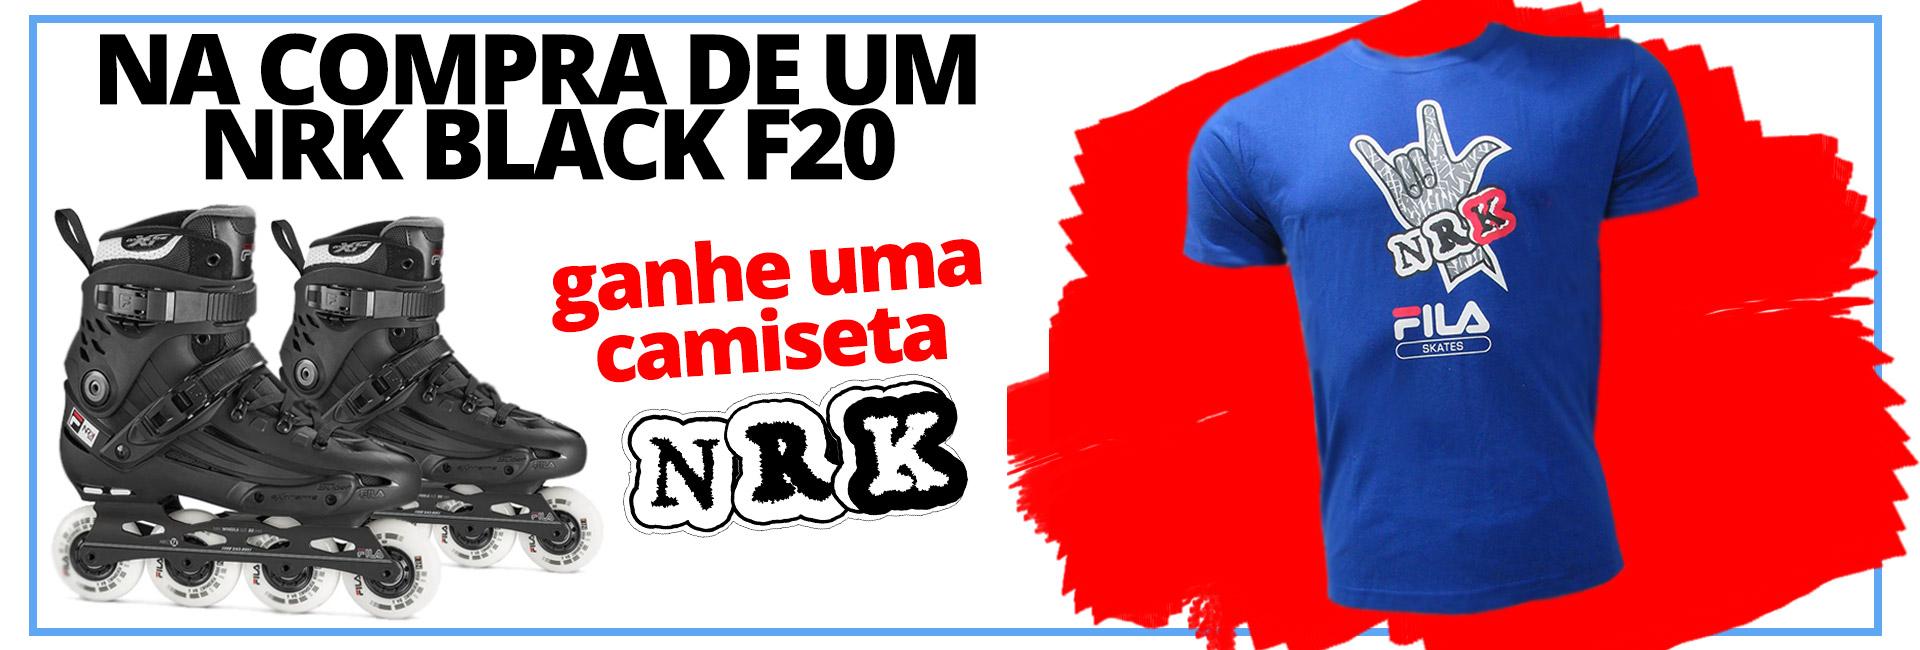 NRK All BLACK